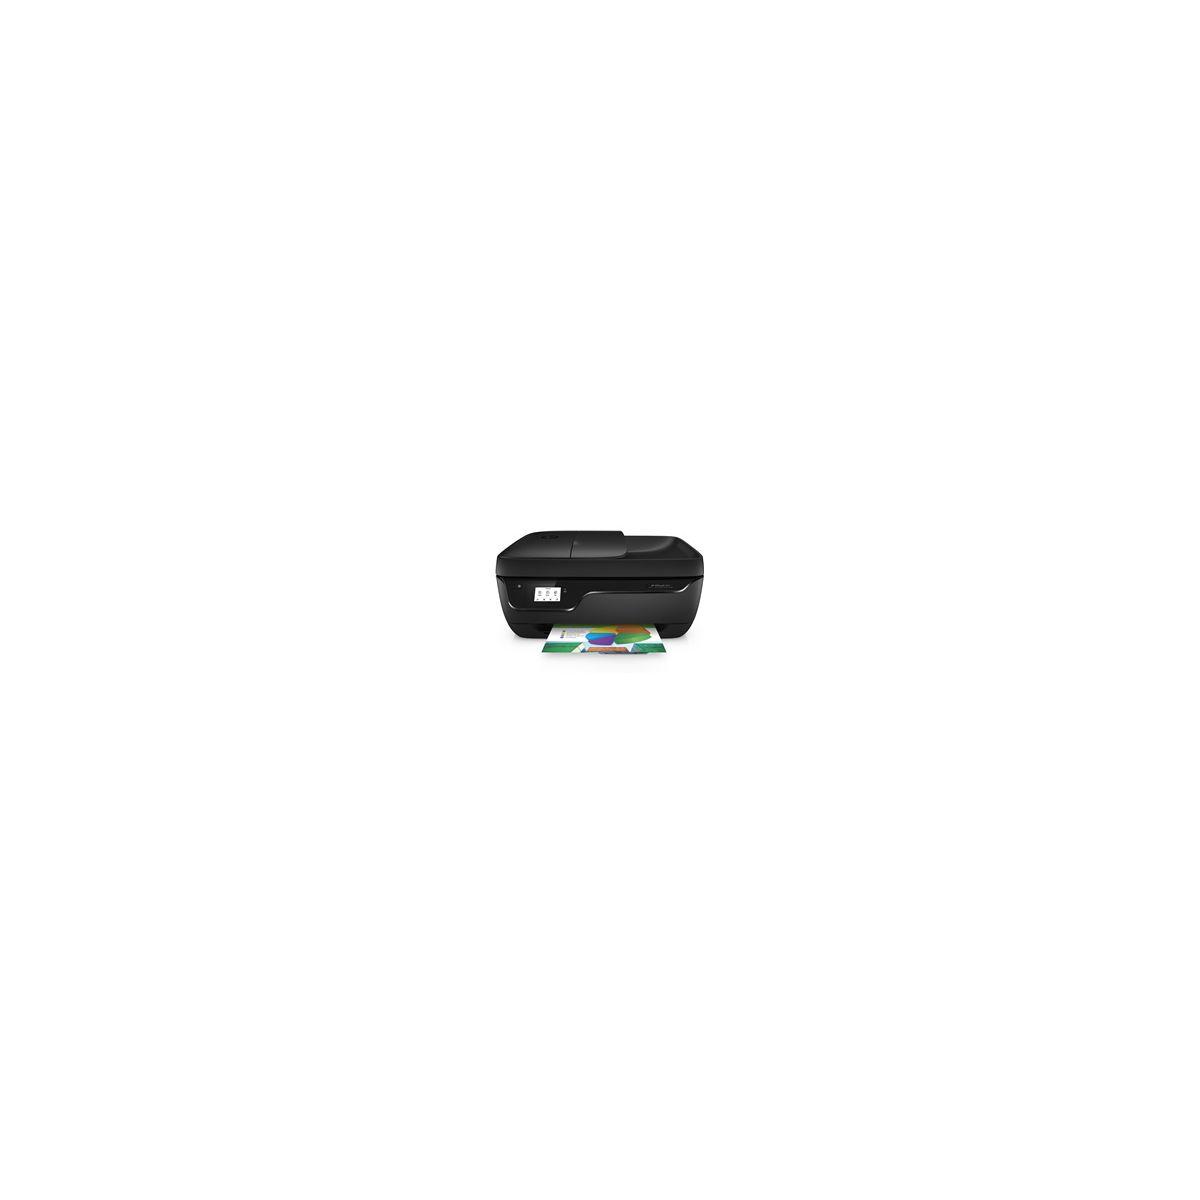 Imprimante jet d'encre HP Office Jet Pro 3831